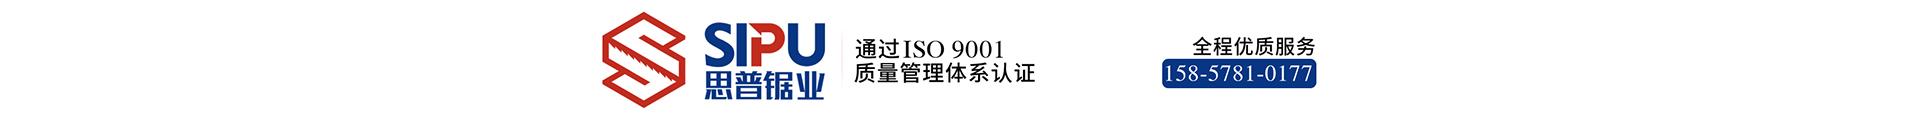 浙江思普鋸業有限公司